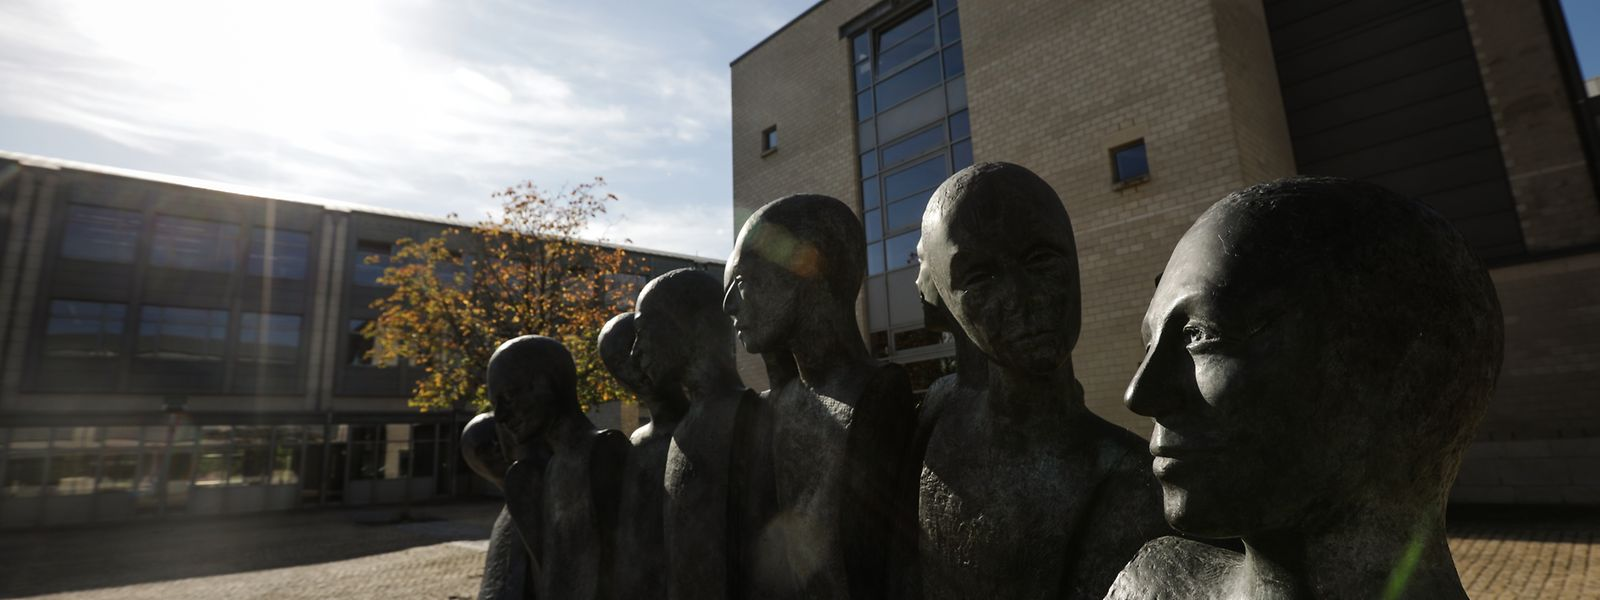 1208 Schüler sind zur 15. Rentrée im LJBM eingeschrieben.